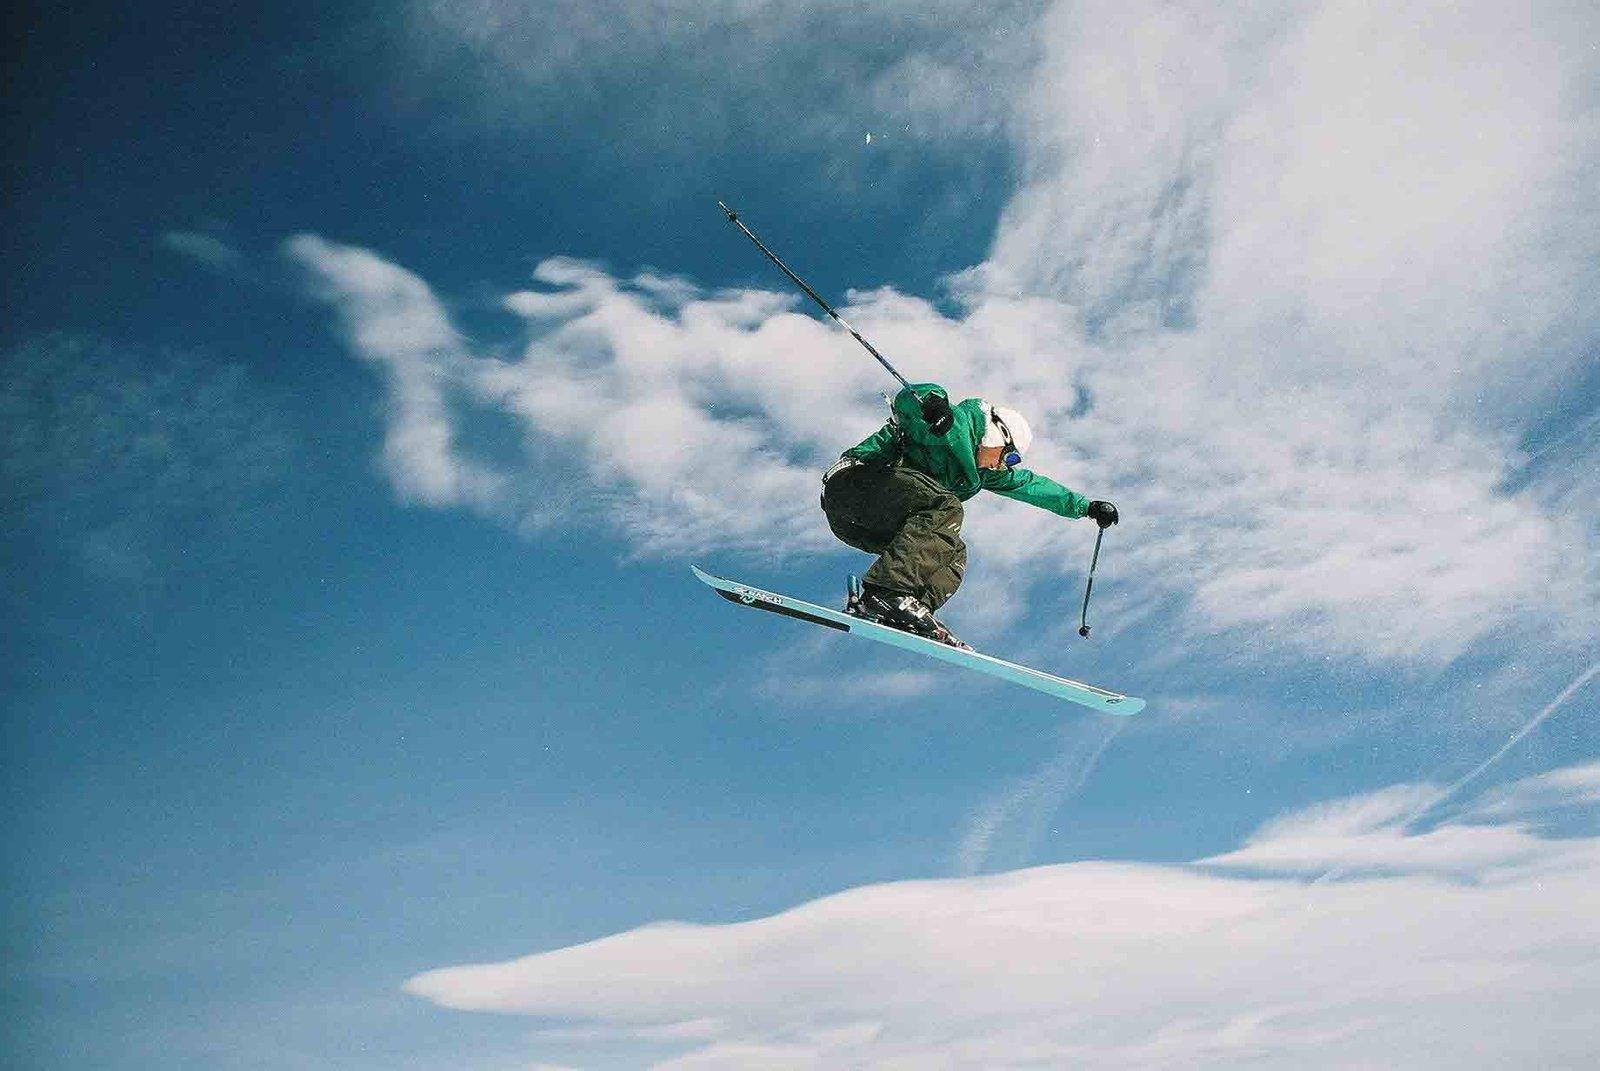 High air 360°